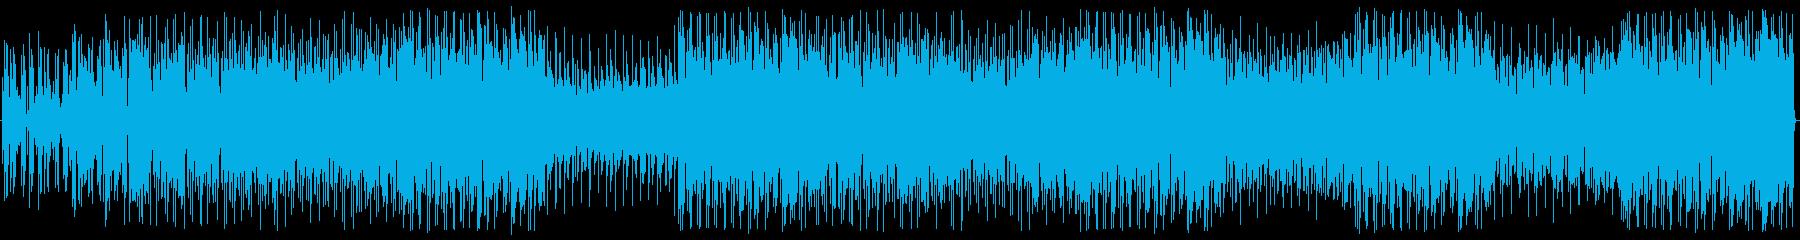 風変わりなメロディーとハッピーなド...の再生済みの波形